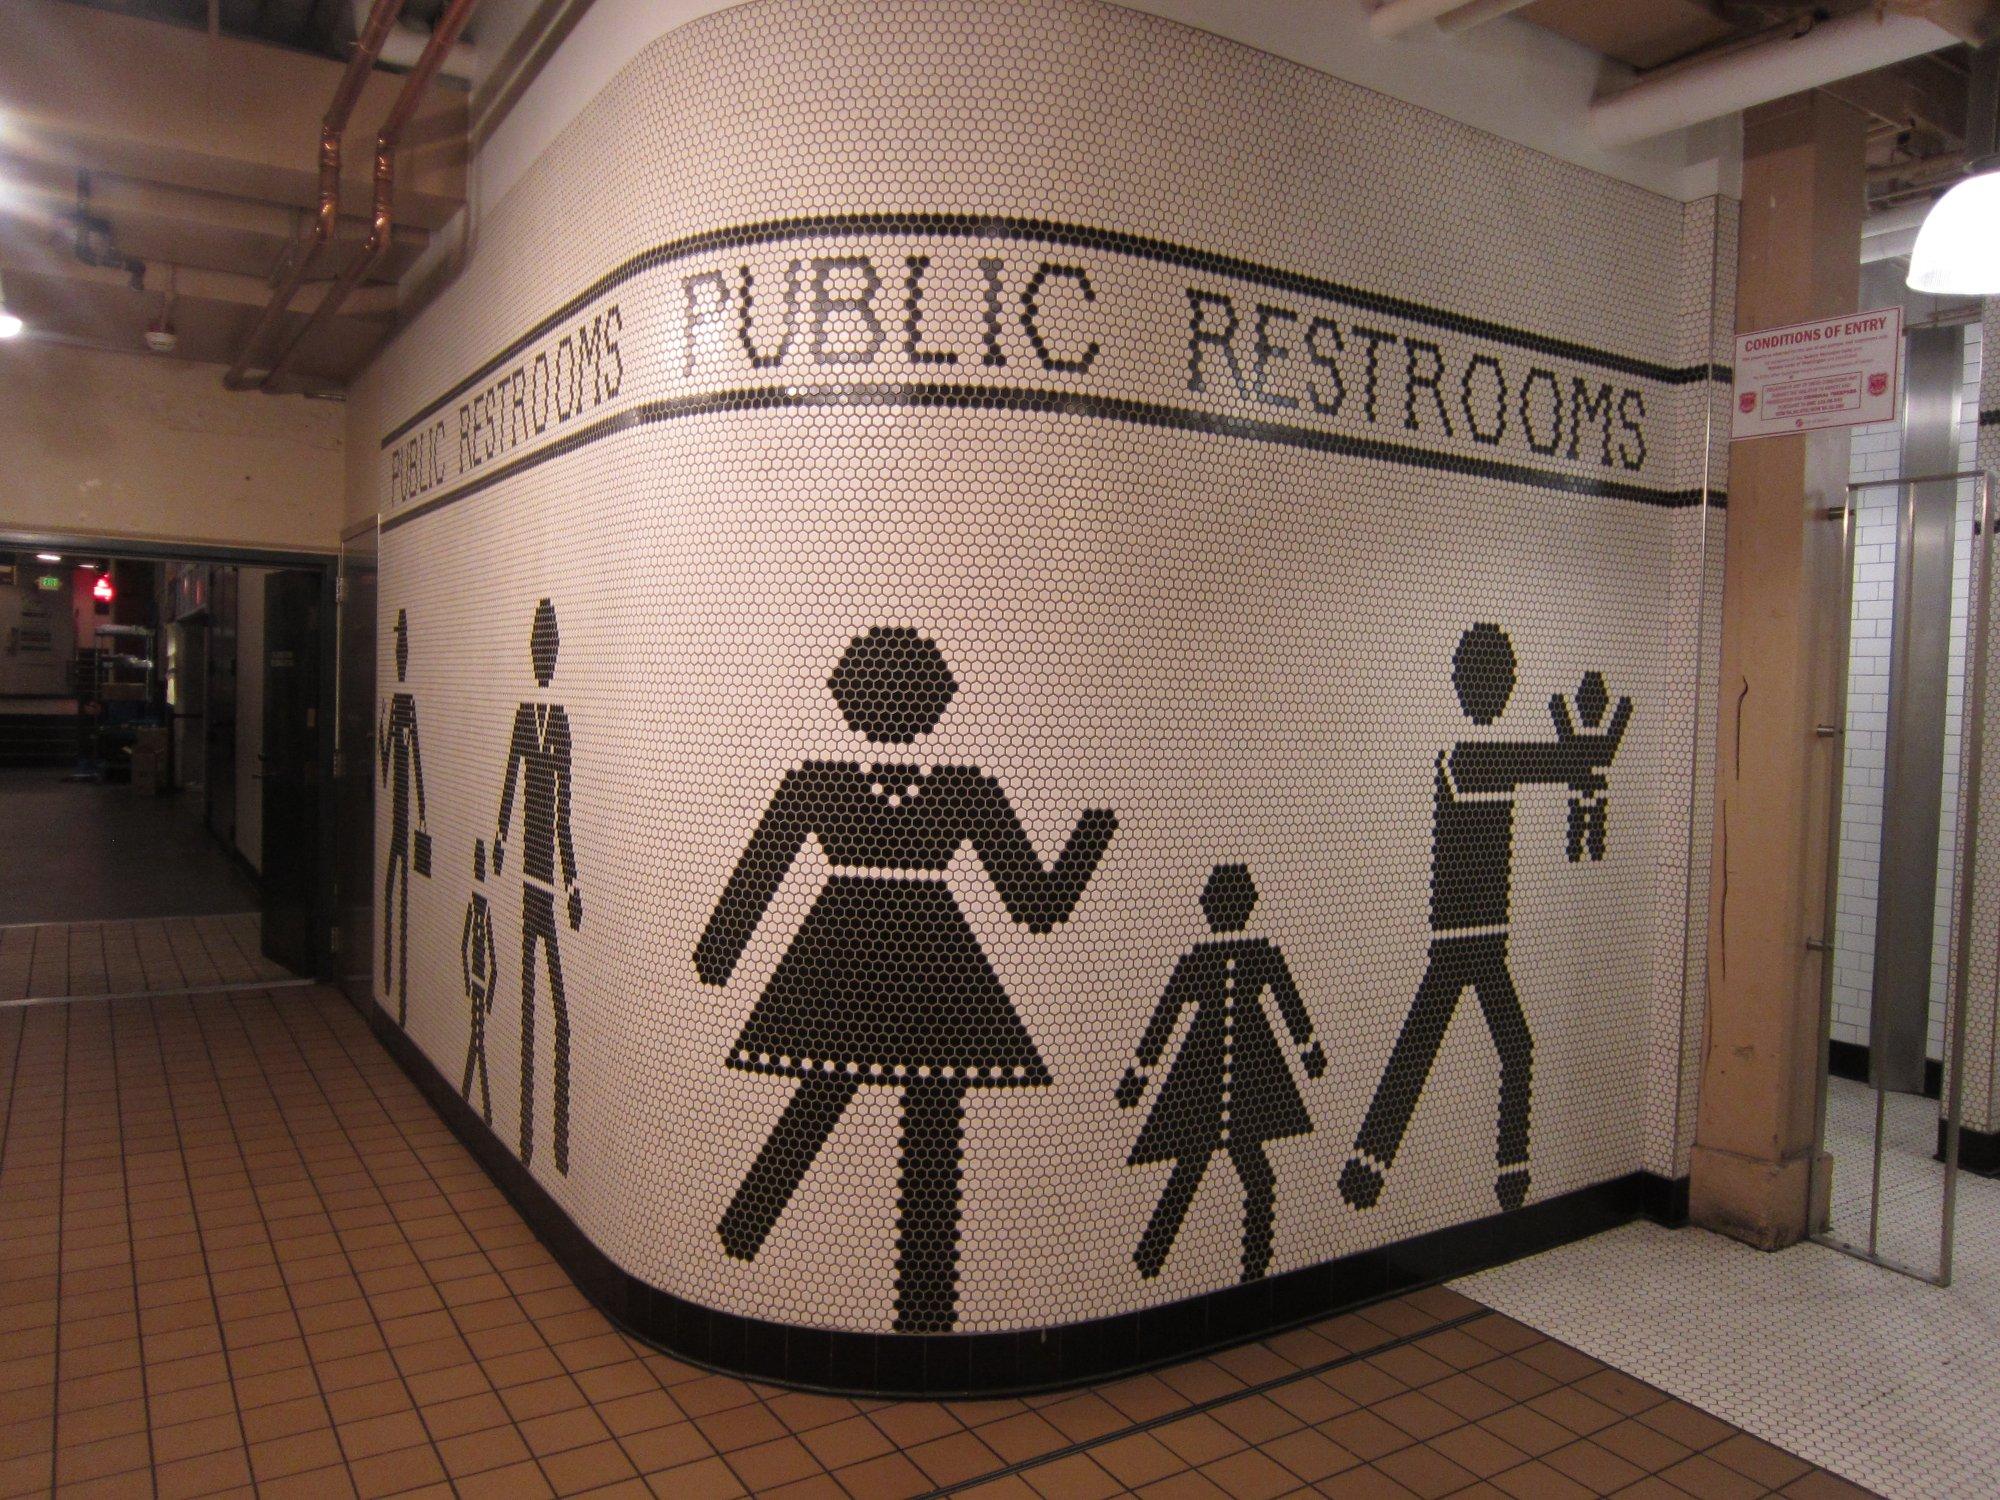 Pike Place Market public restroom, Seattle, WA